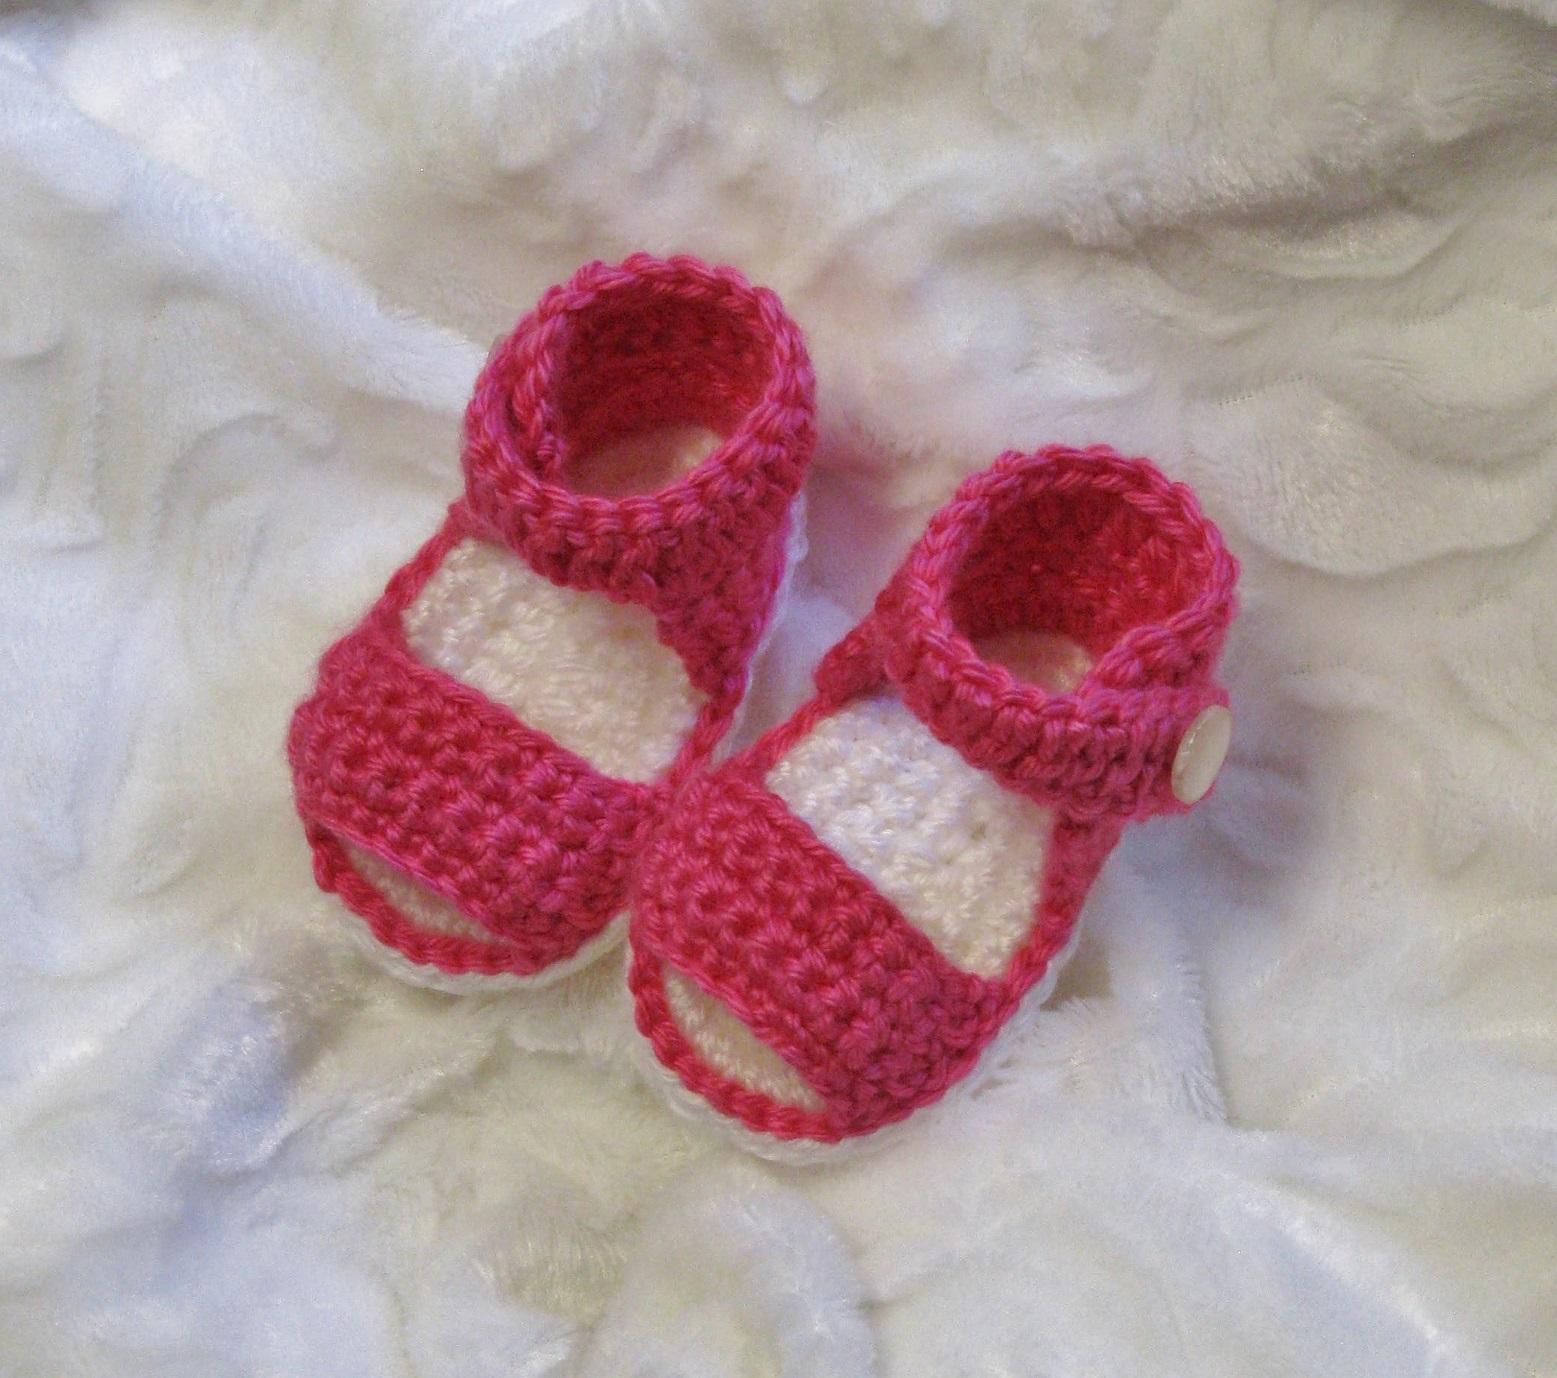 Sandales au crochet pour bébés 0 à 12 mois